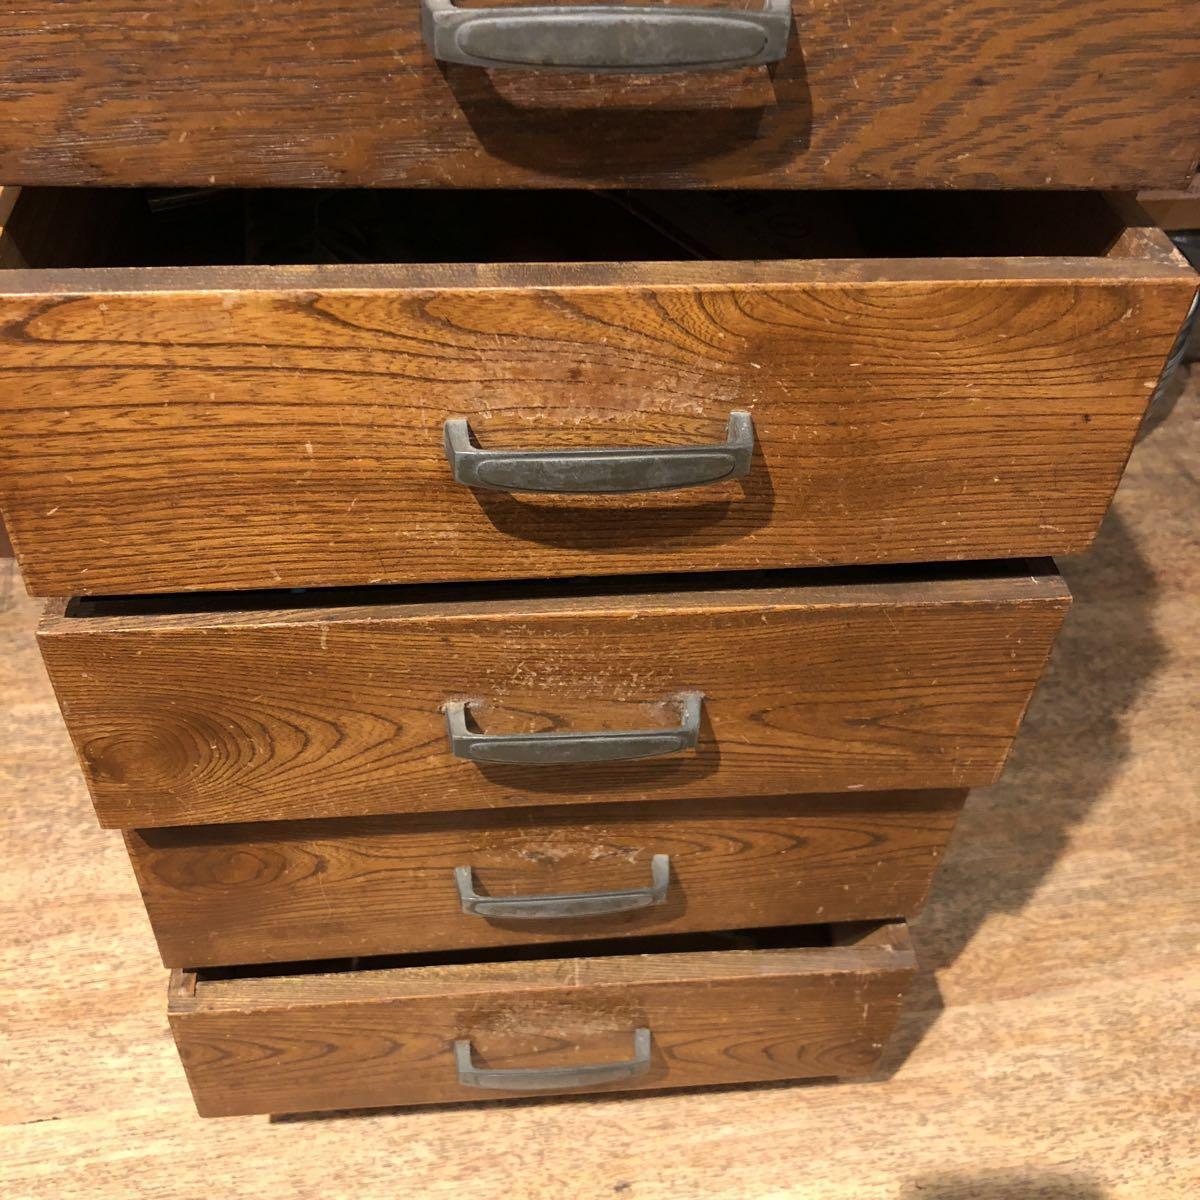 レトロ 木箱 5段 アンティーク 小引き出し 収納古道具 小物入れ_画像6